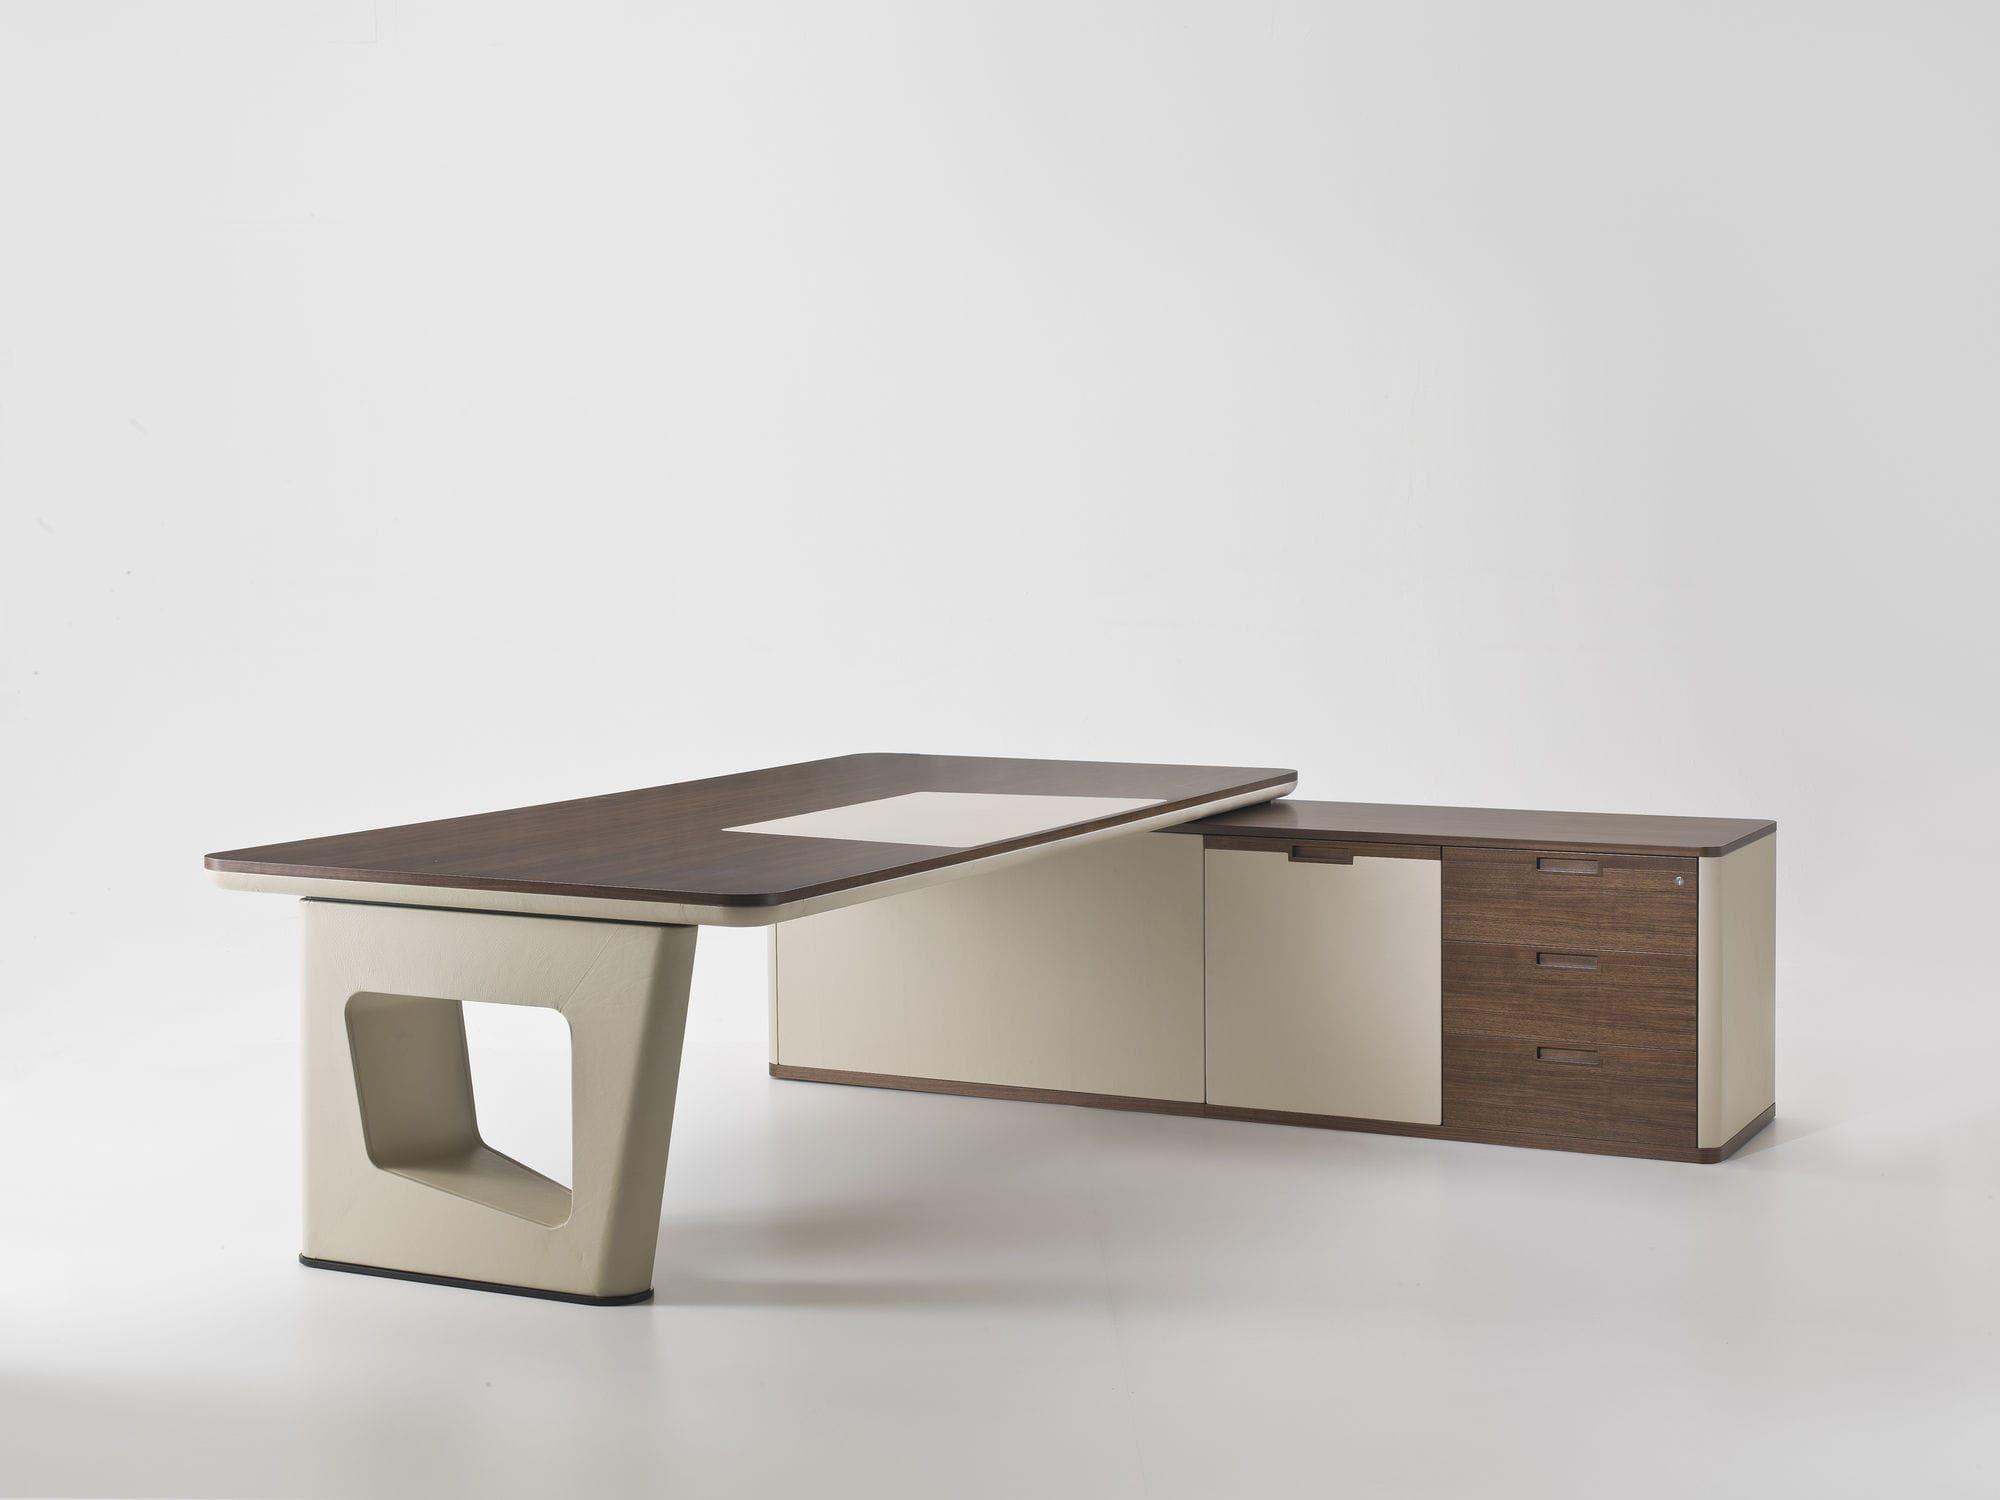 billig schreibtisch mit ecke desk pinterest. Black Bedroom Furniture Sets. Home Design Ideas